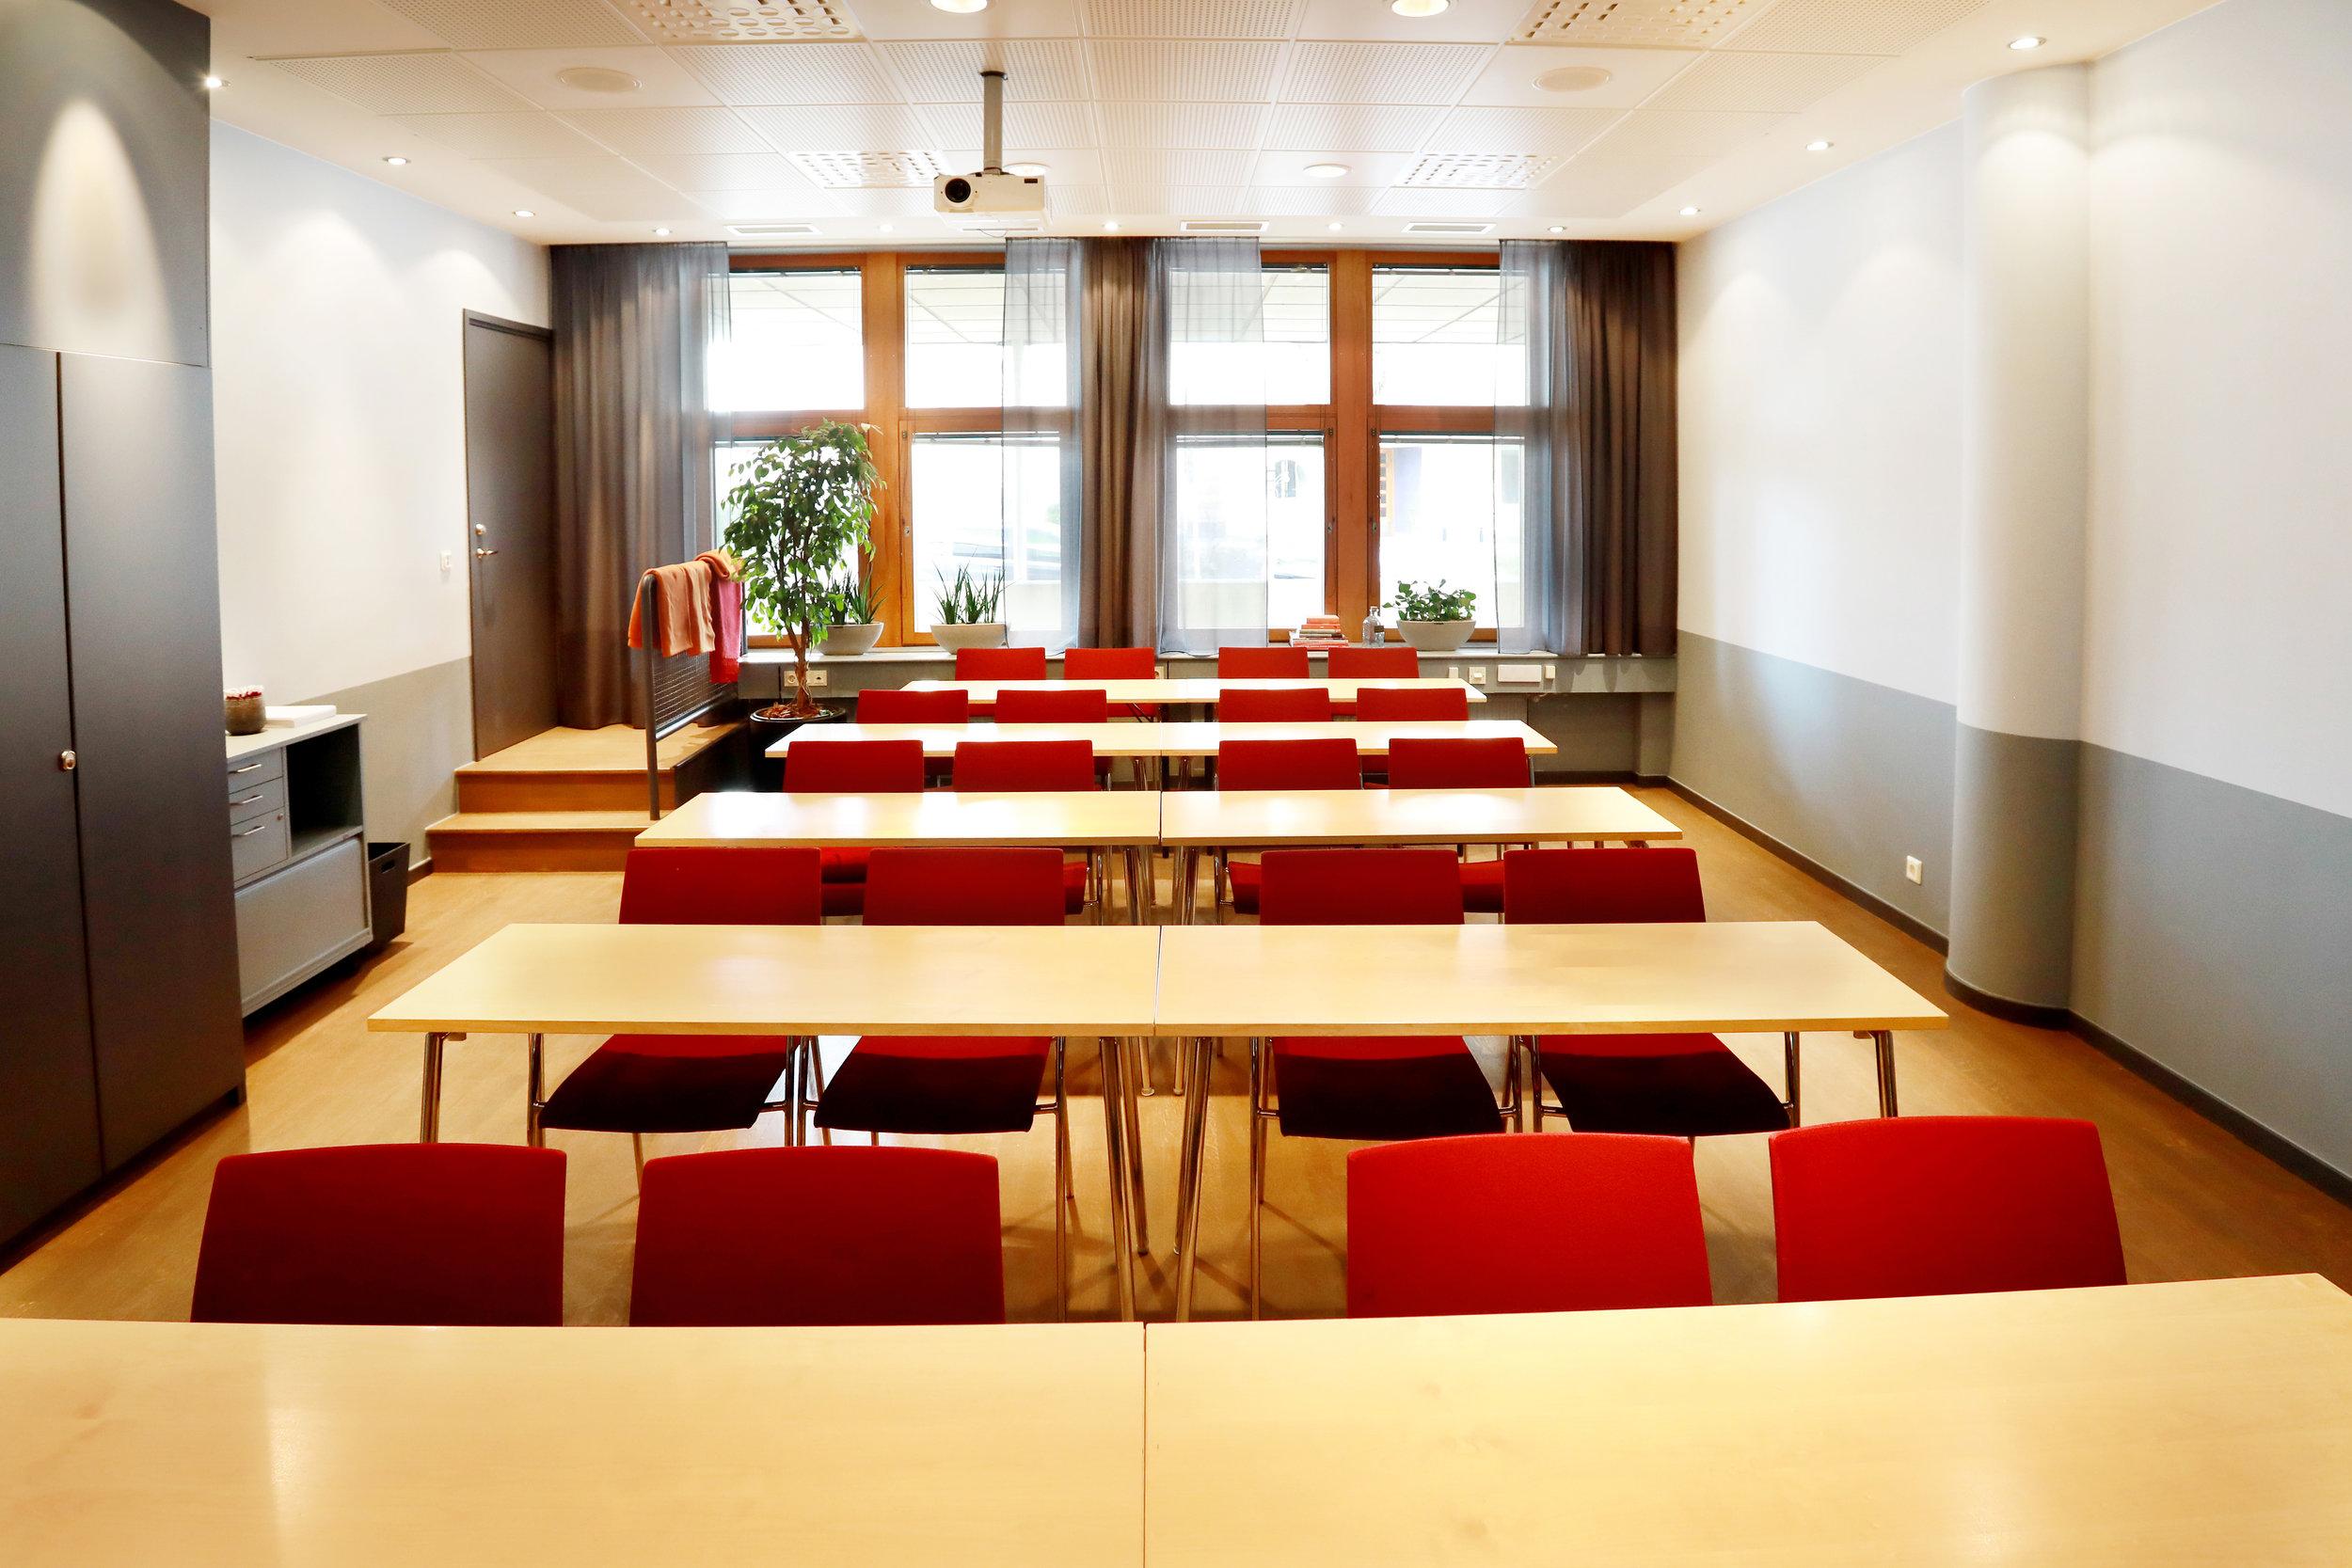 Adelsö, ljus konferenslokal för mindre möten och kurser.